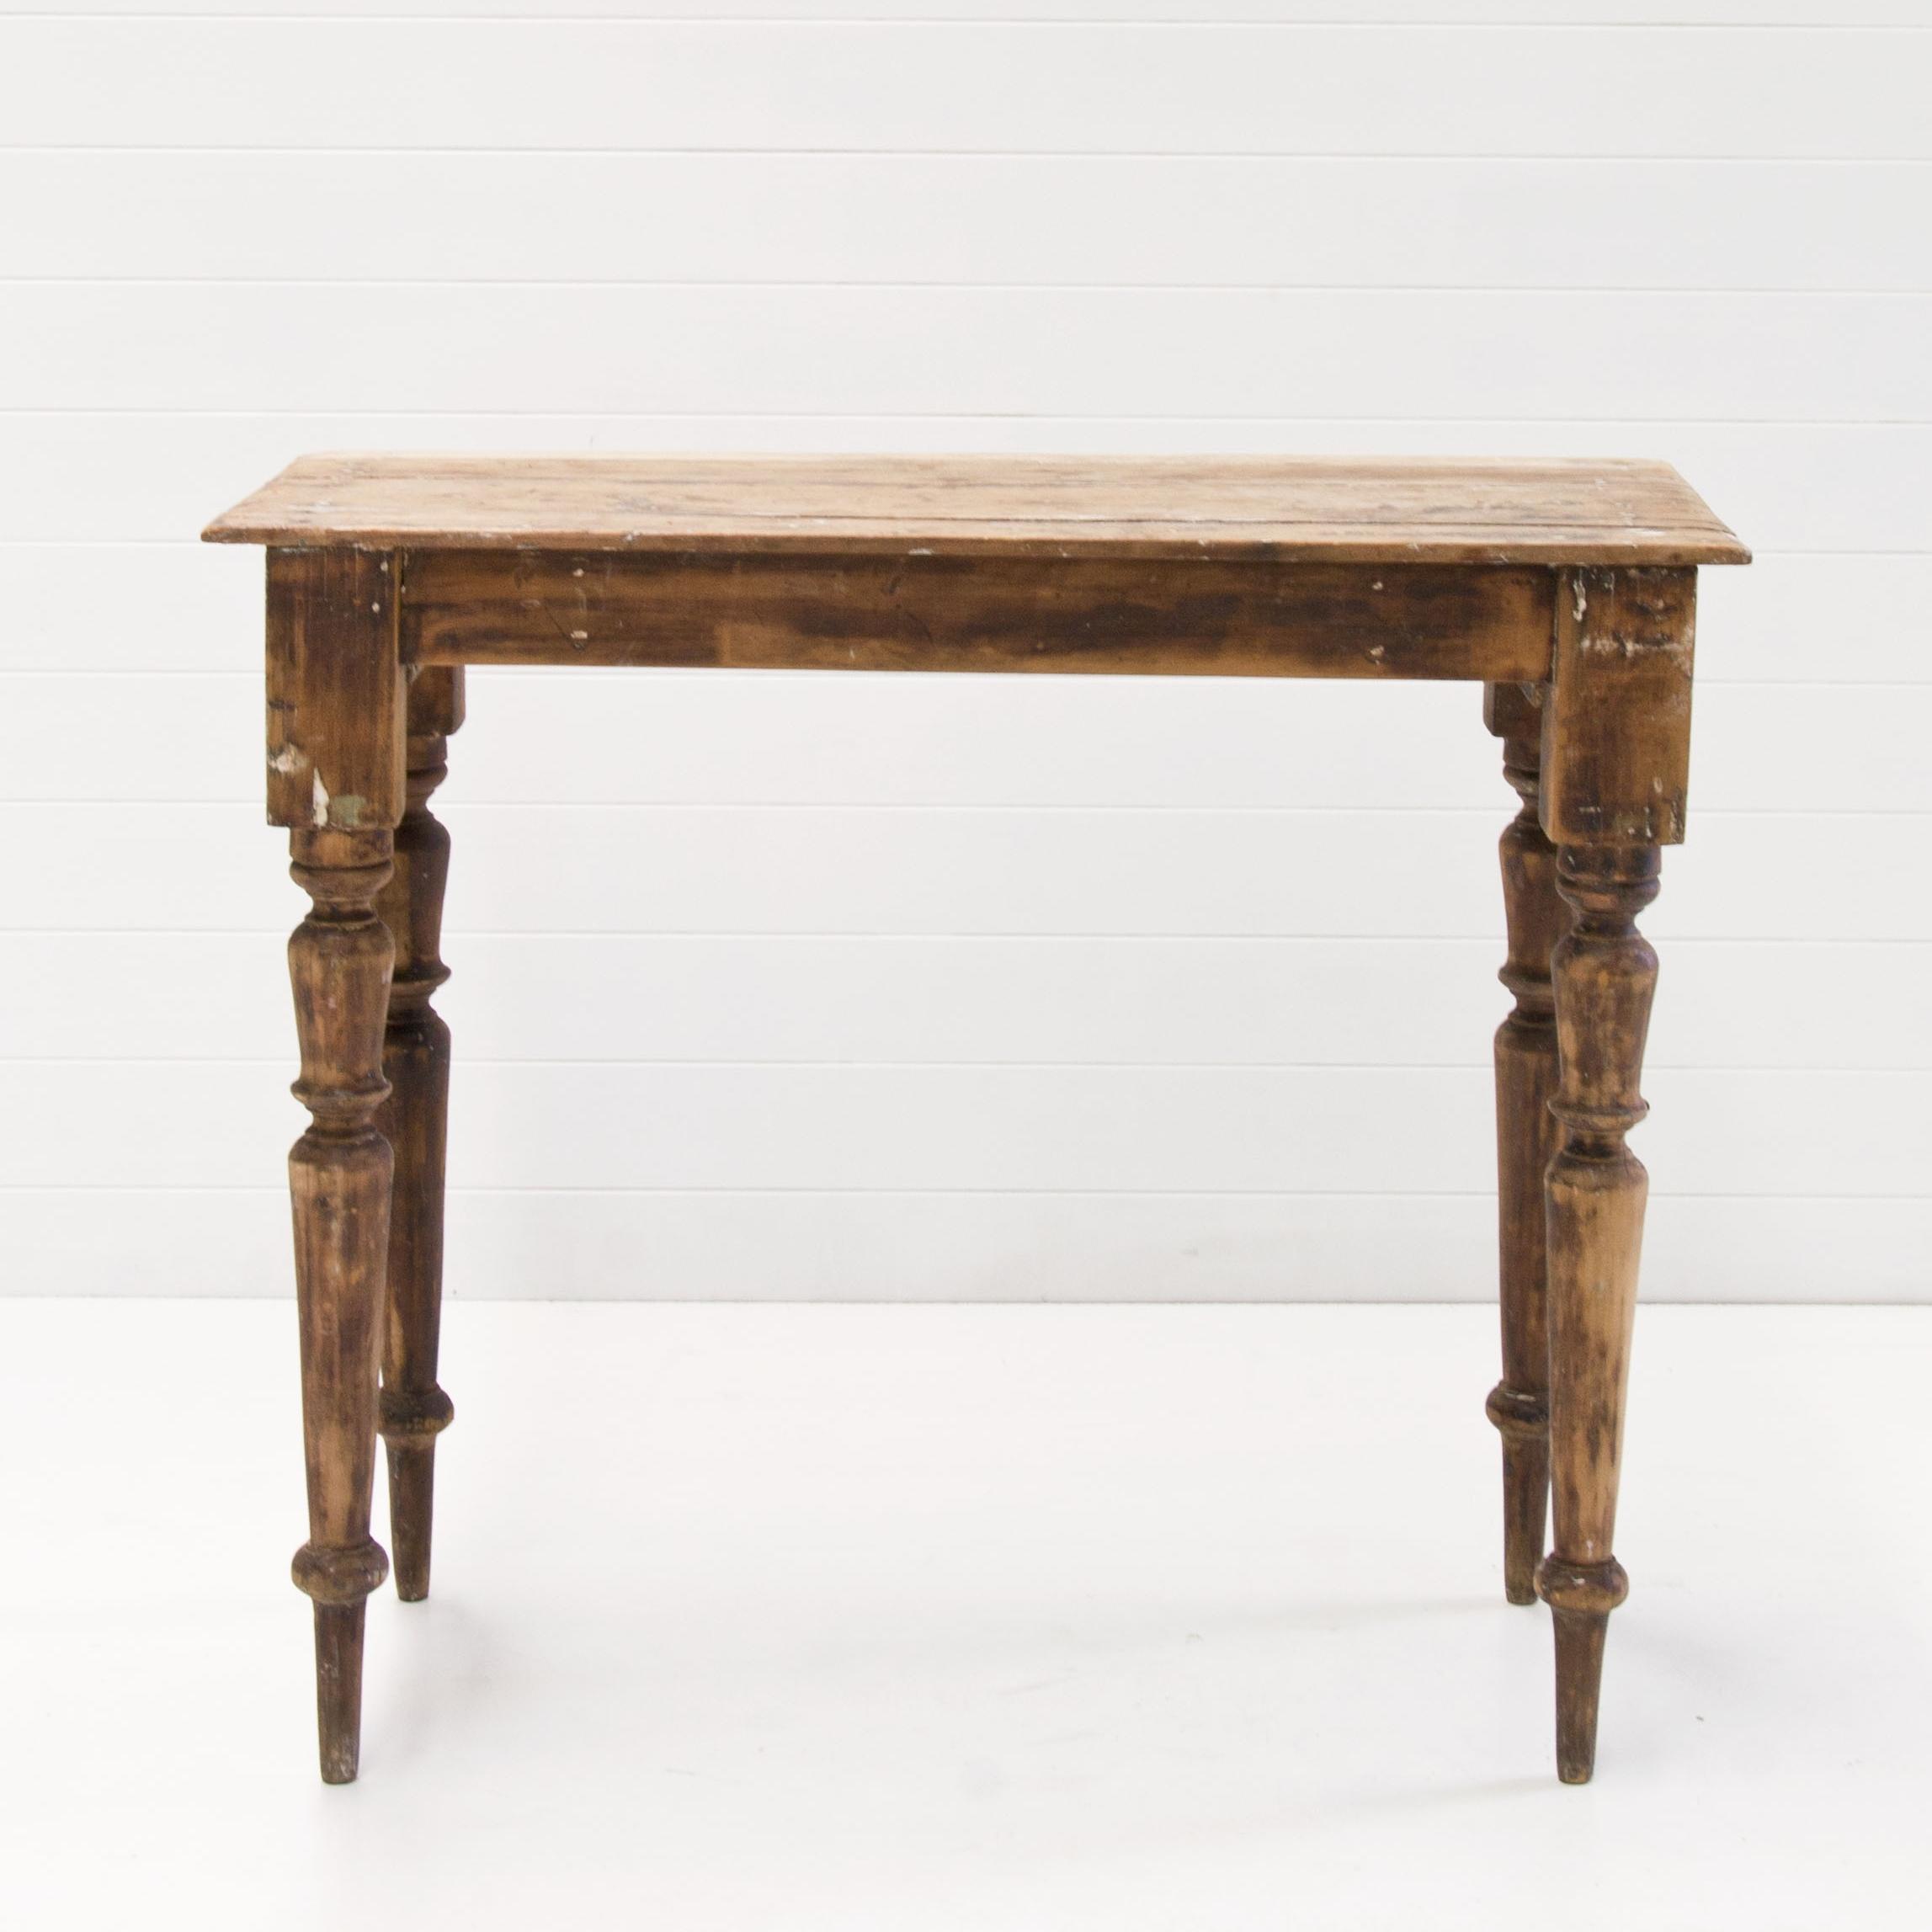 MABEL WOODEN VINTAGE TABLE